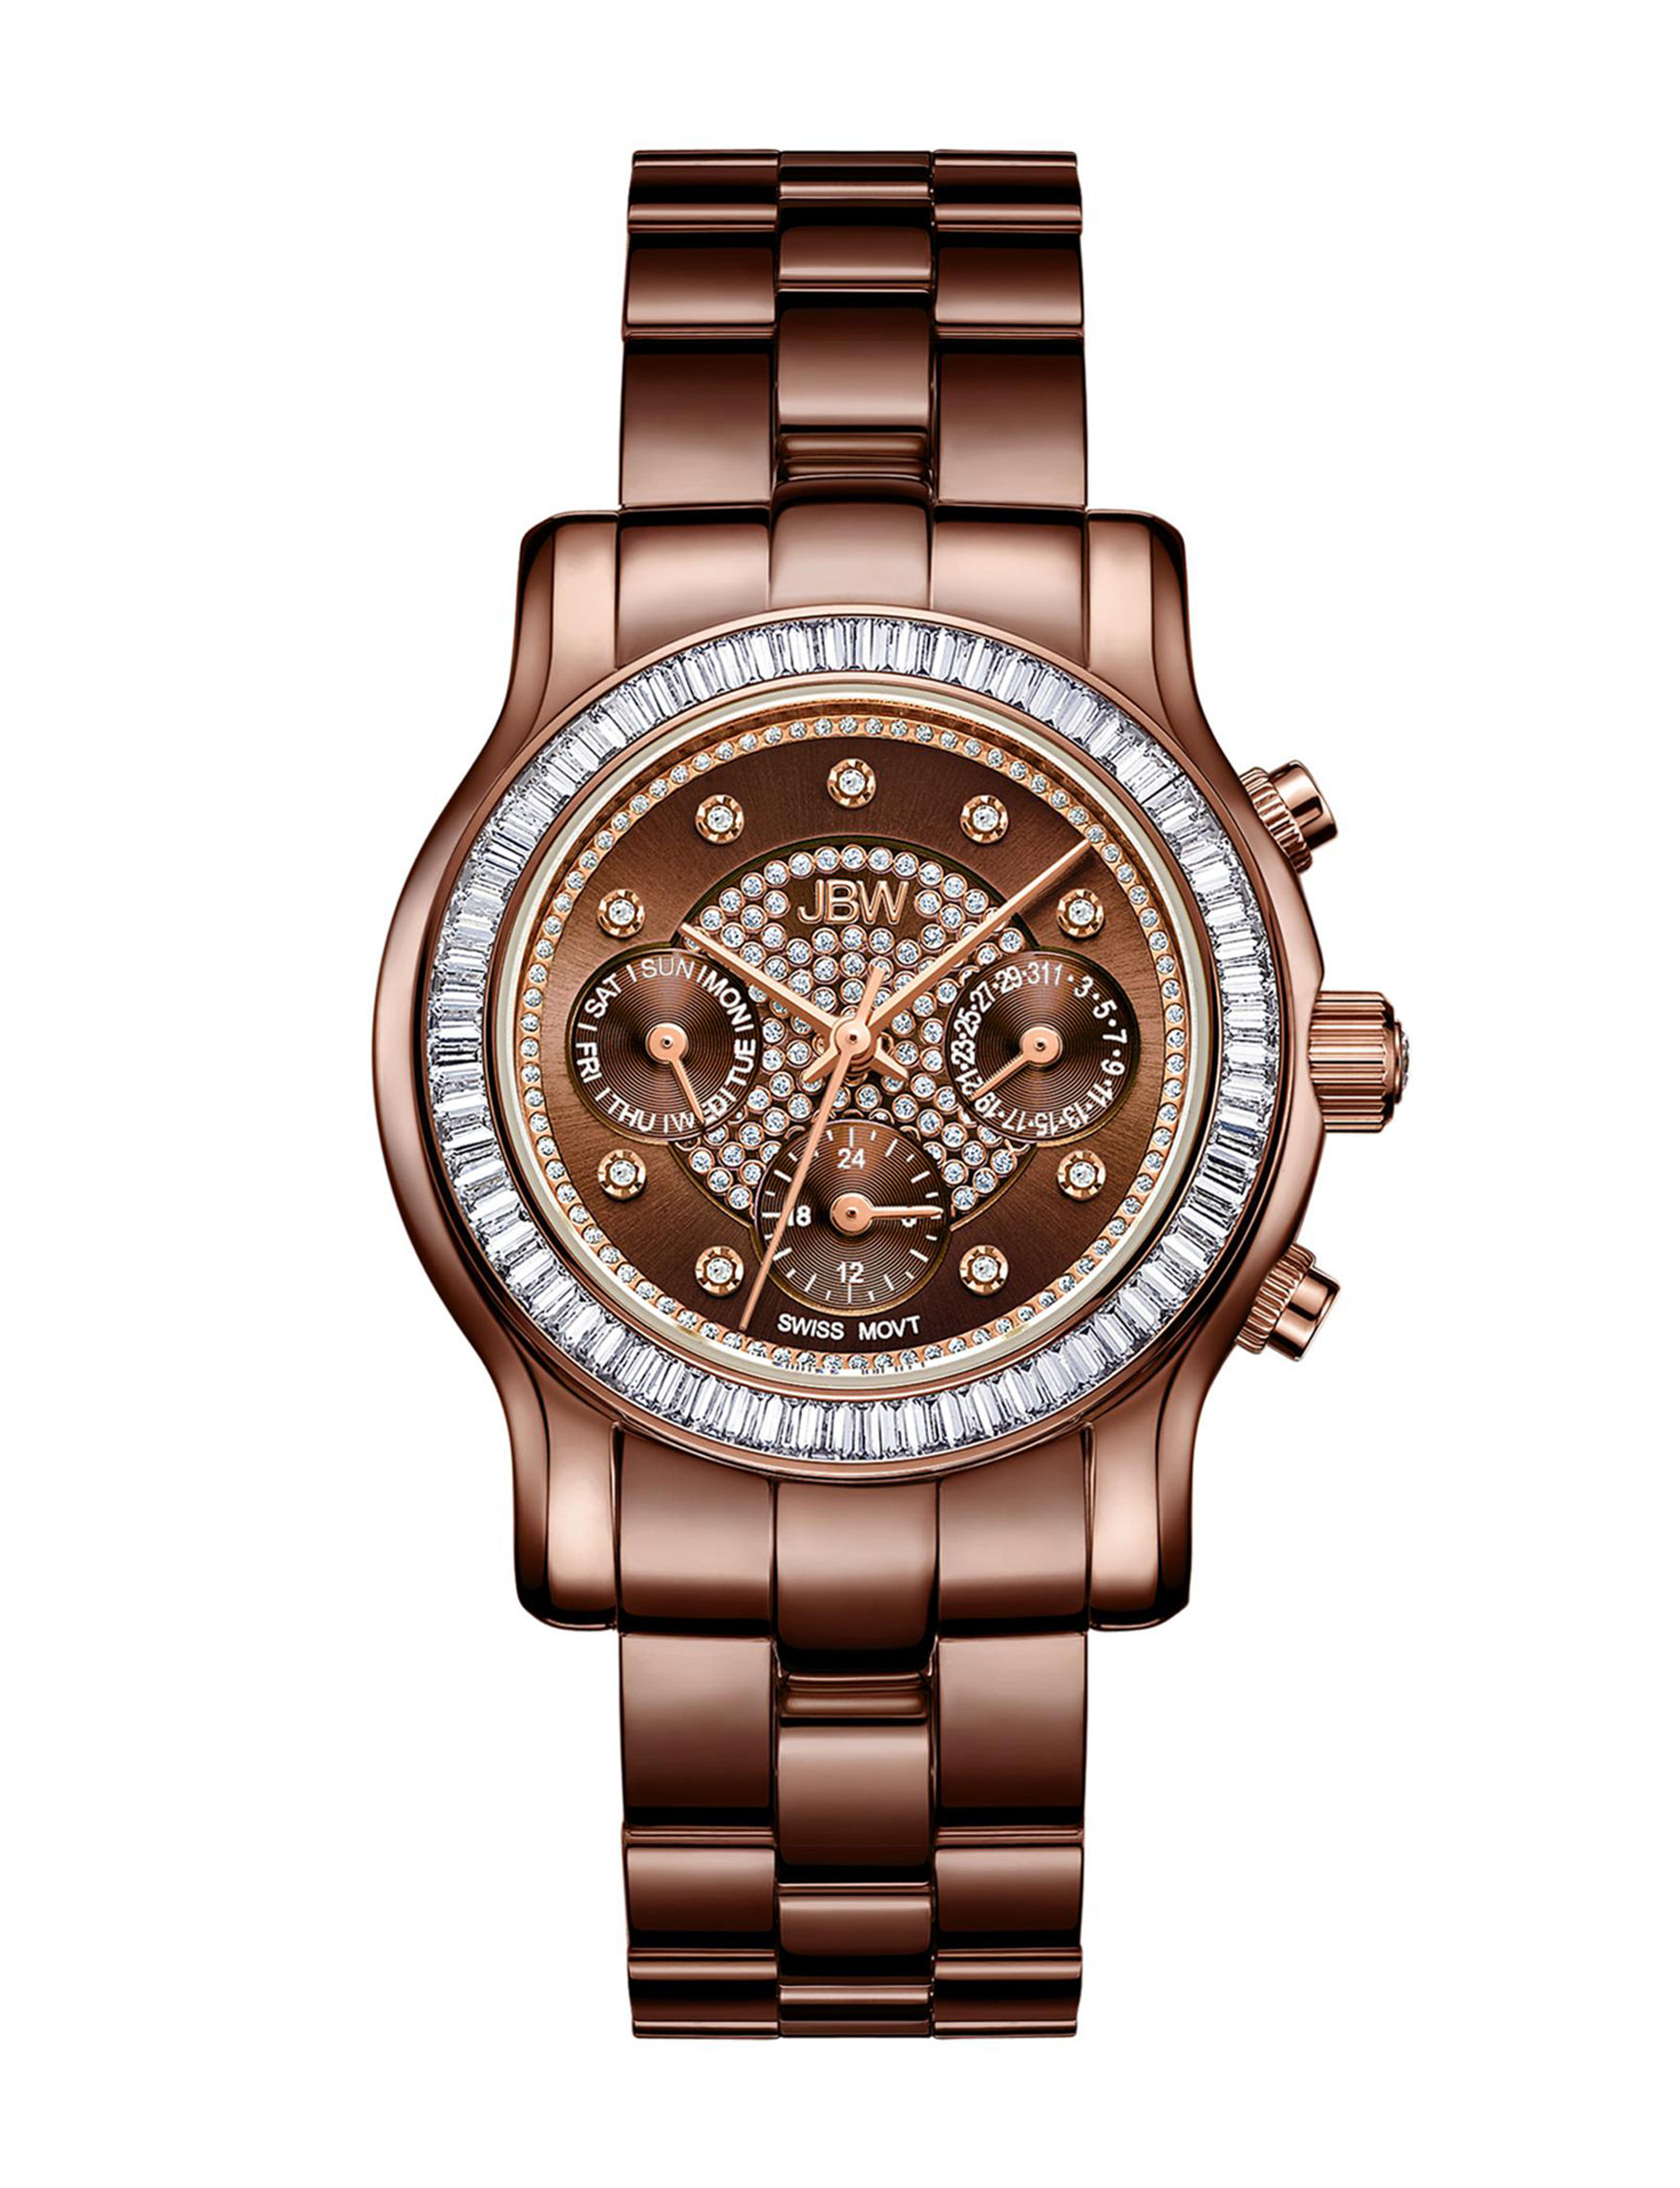 JBW Brown Fashion Watches